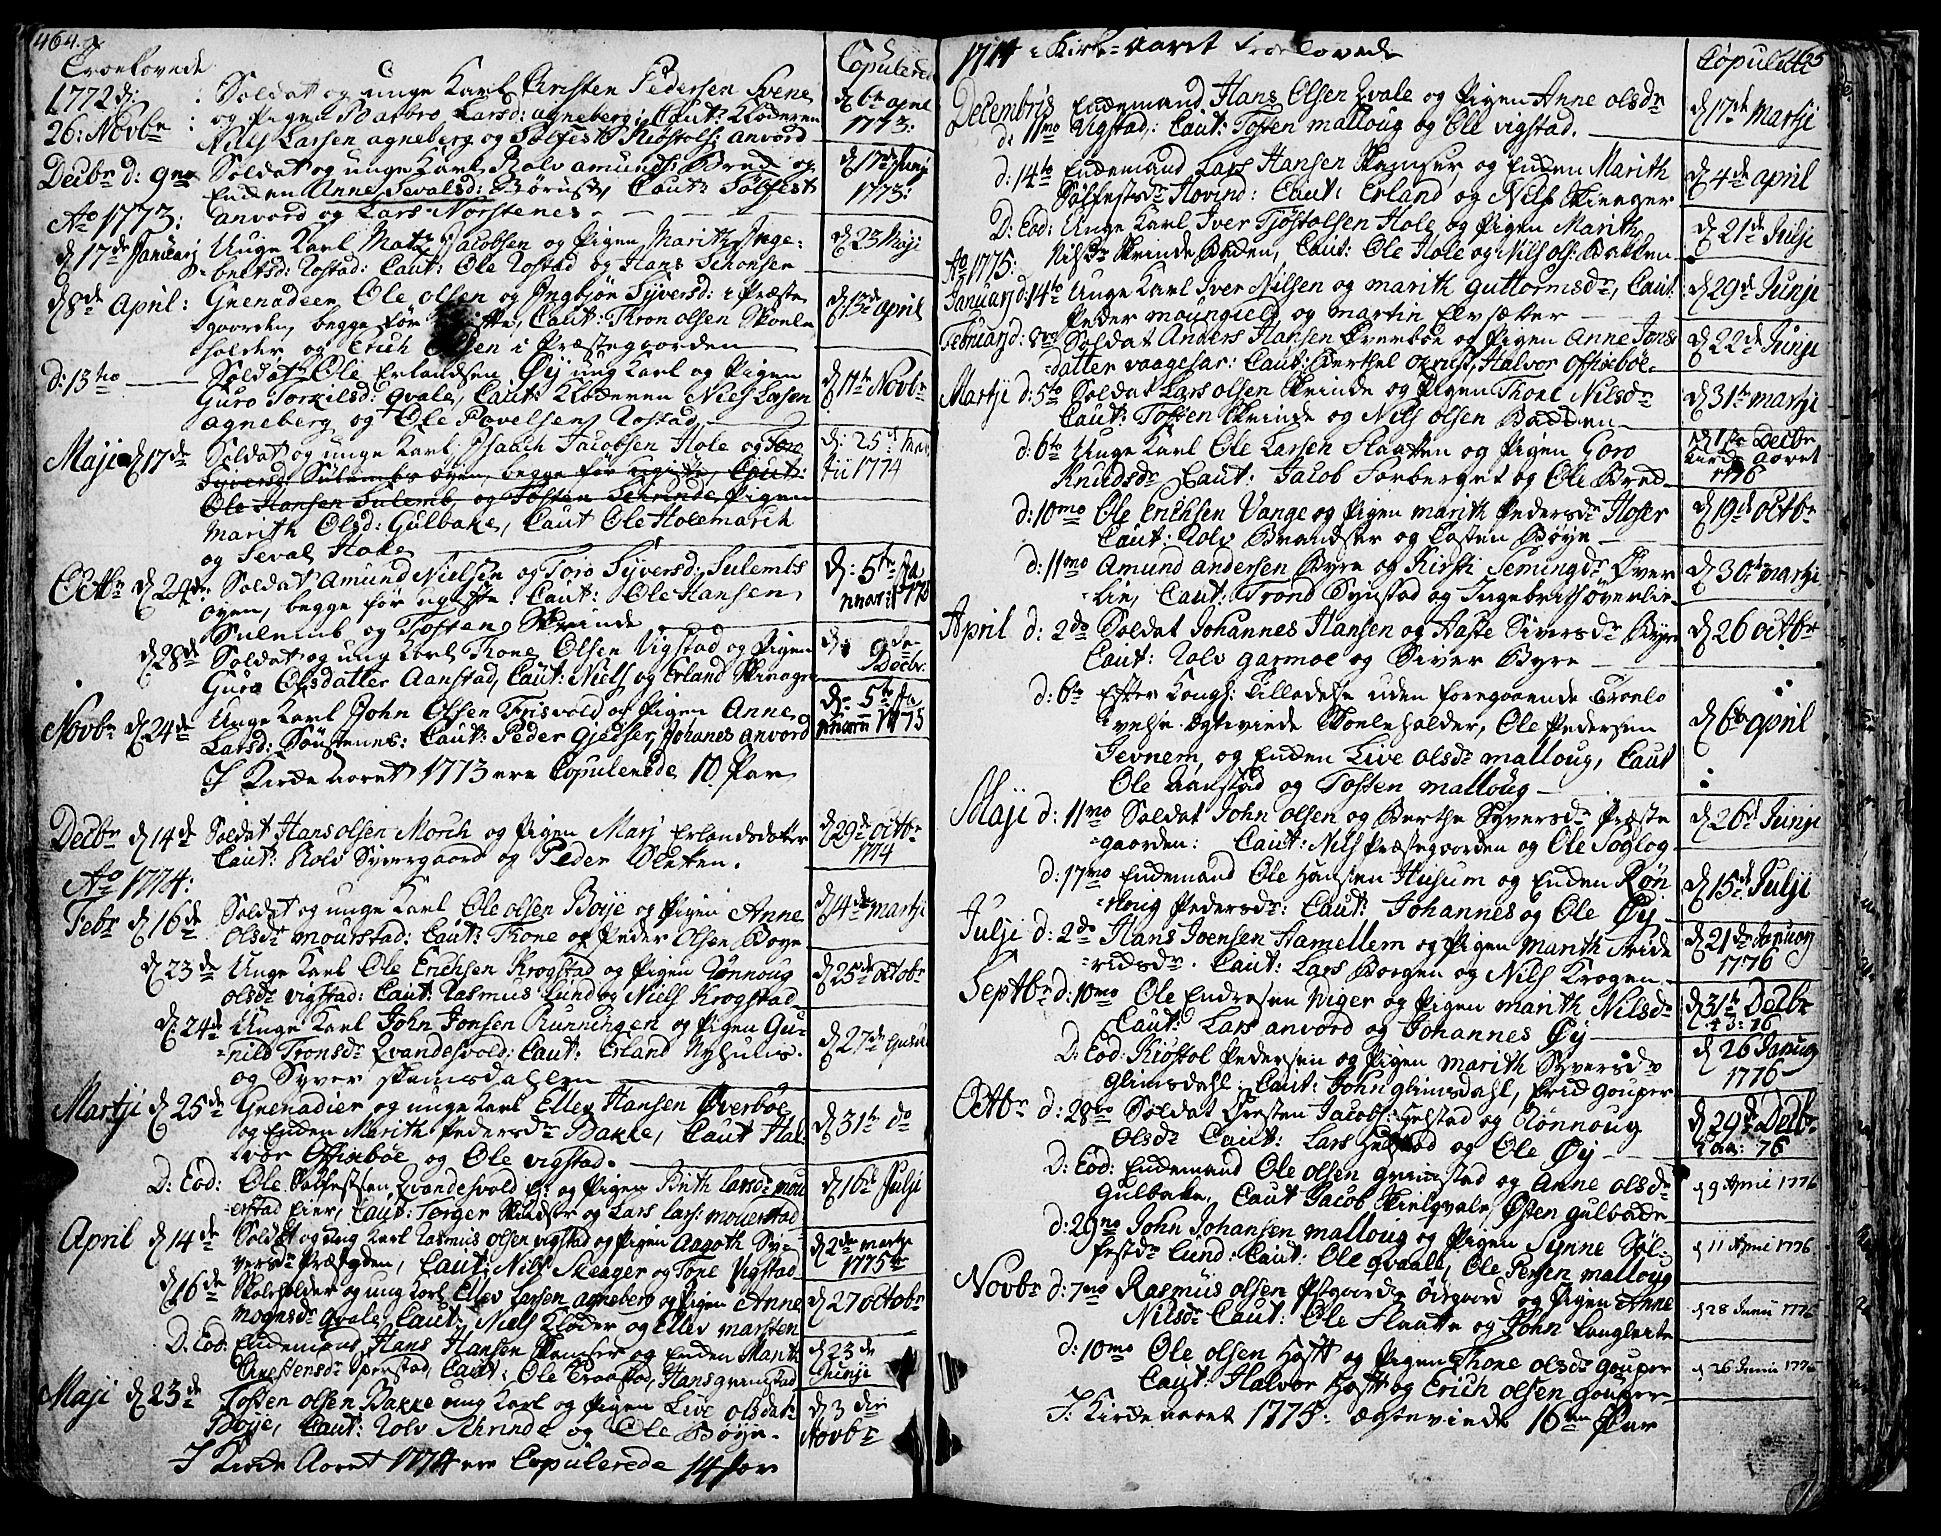 SAH, Lom prestekontor, K/L0002: Ministerialbok nr. 2, 1749-1801, s. 464-465